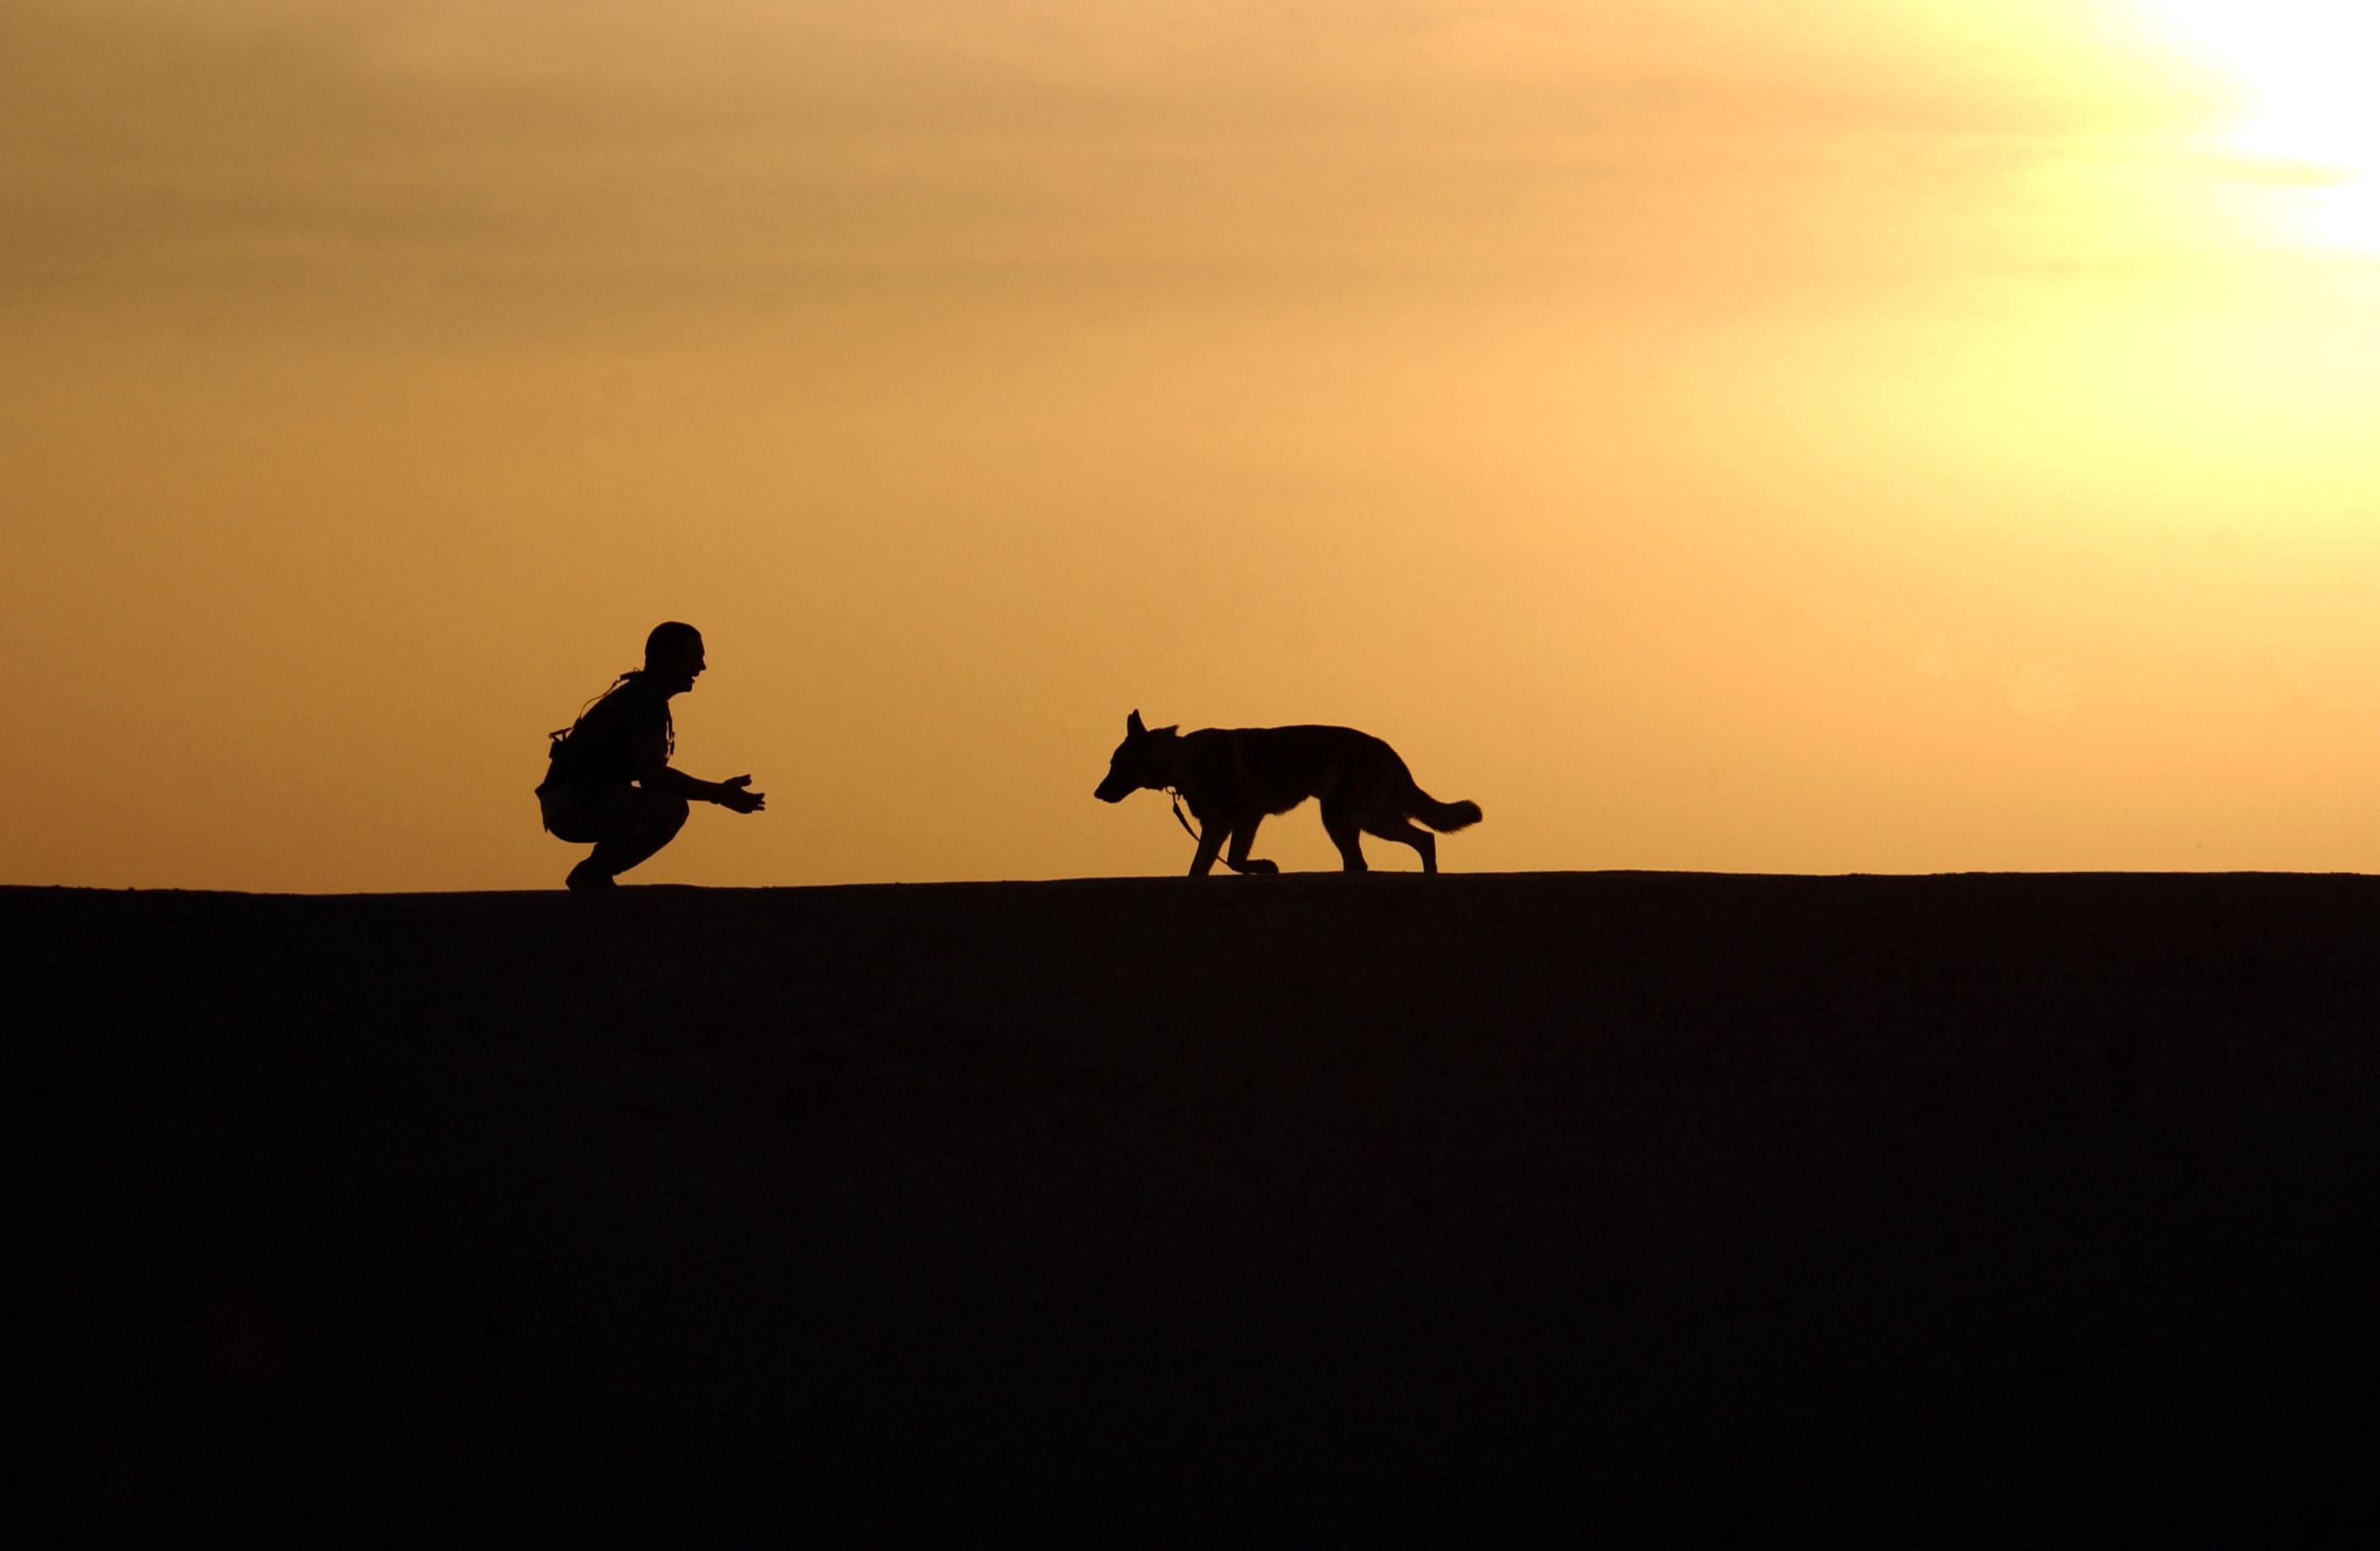 картинки с овчаркой на закате